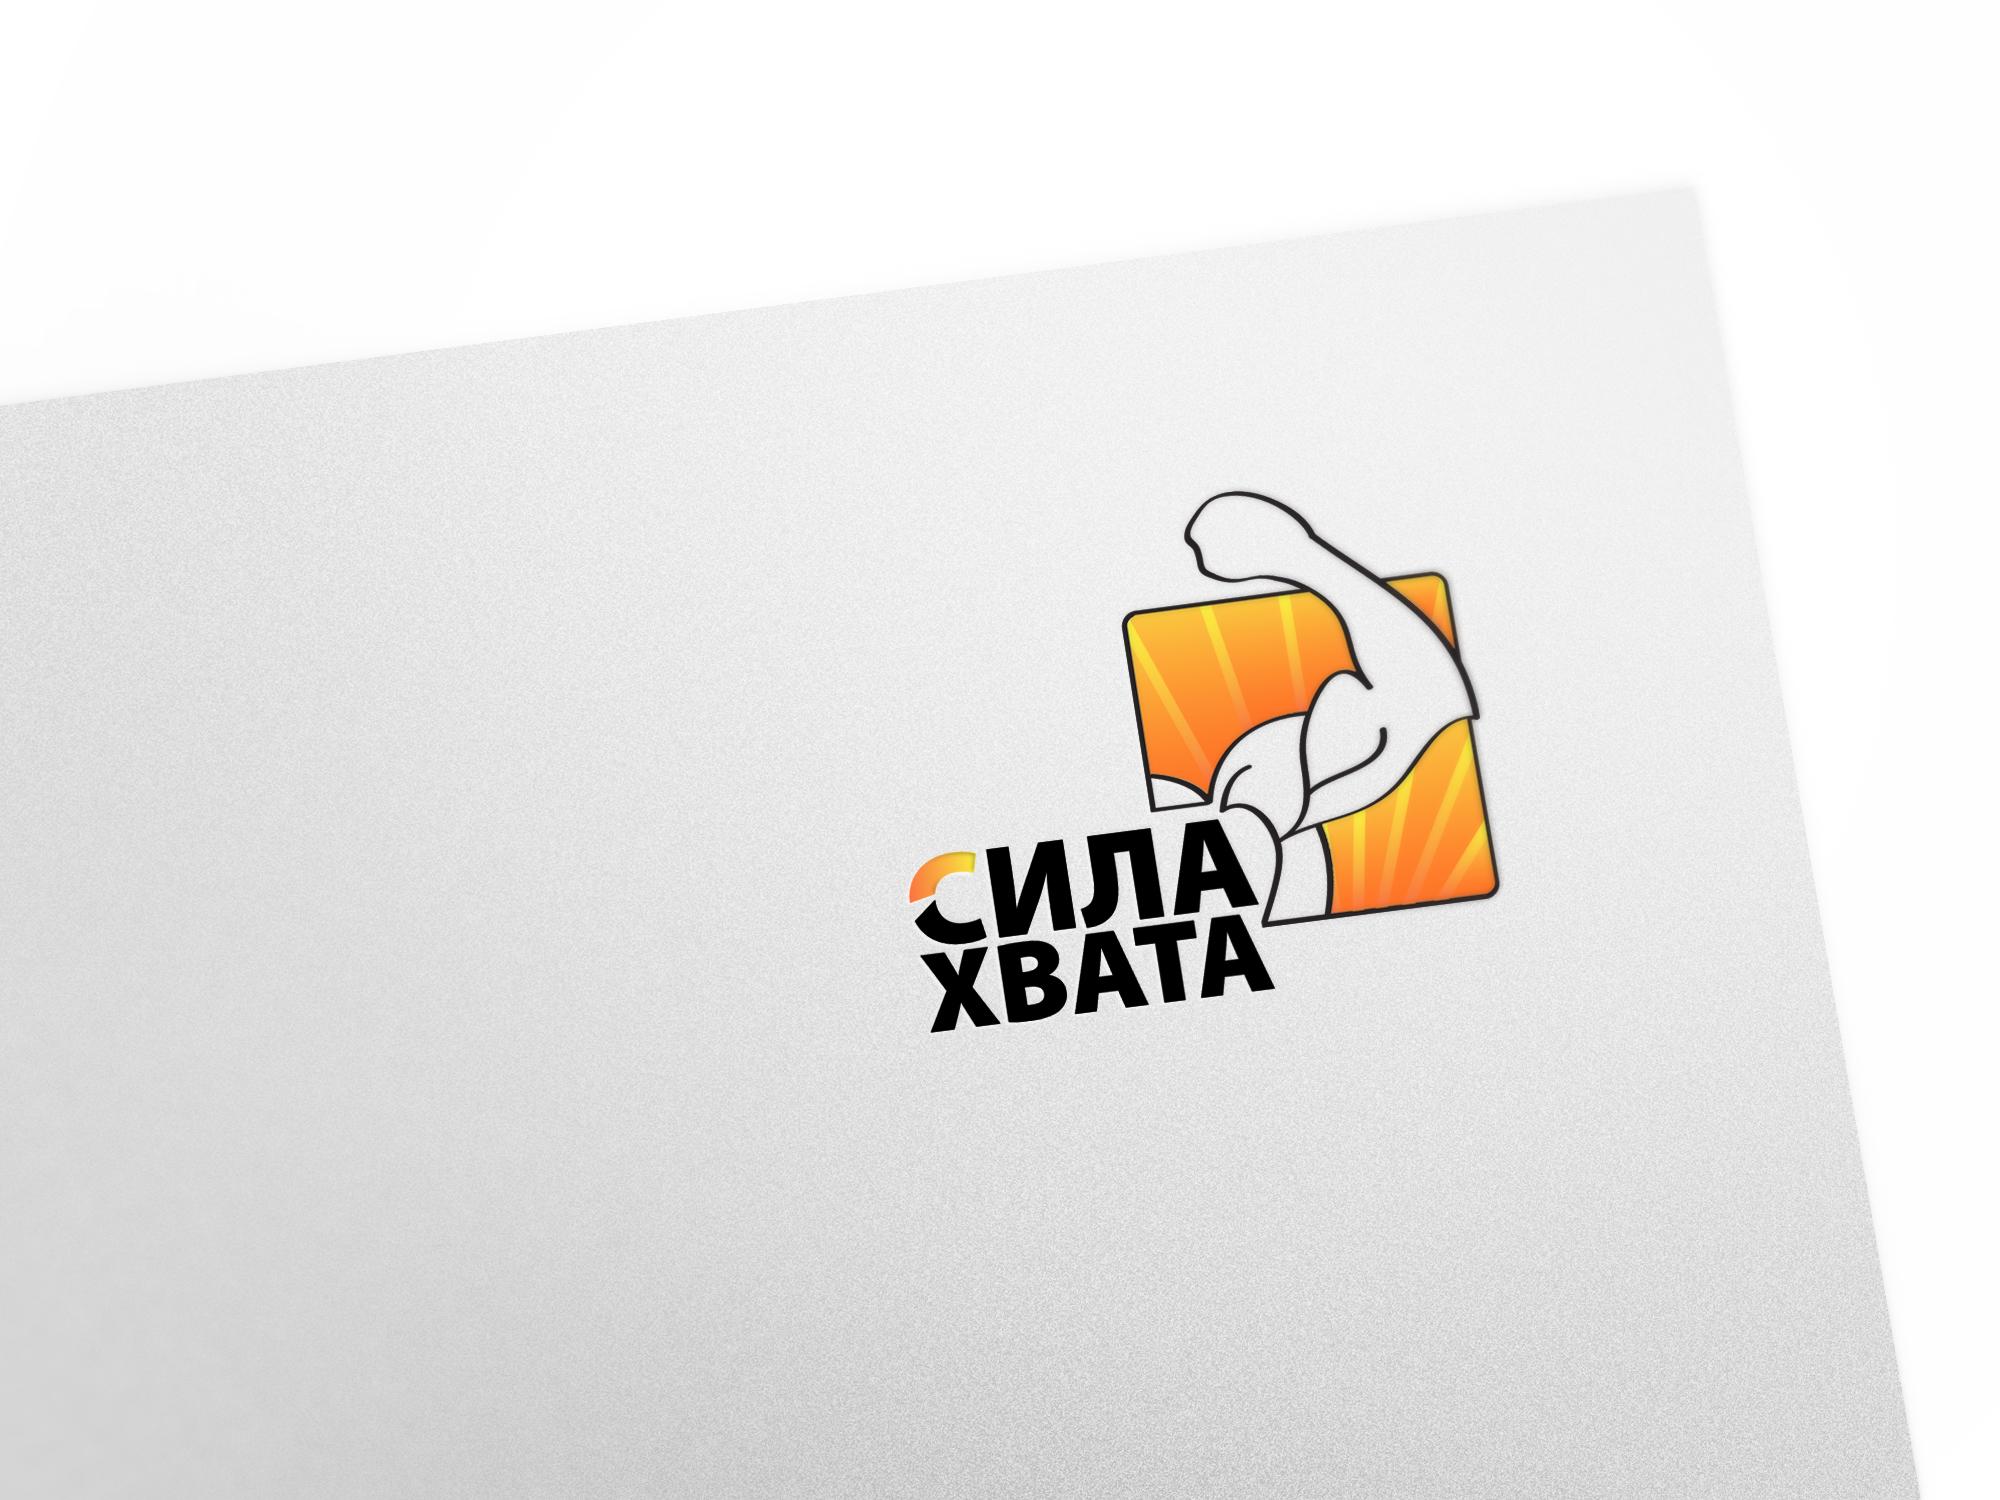 """Разработка логотипа и фирм. стиля для ИМ """"Сила хвата"""" фото f_861511bde44464c2.jpg"""